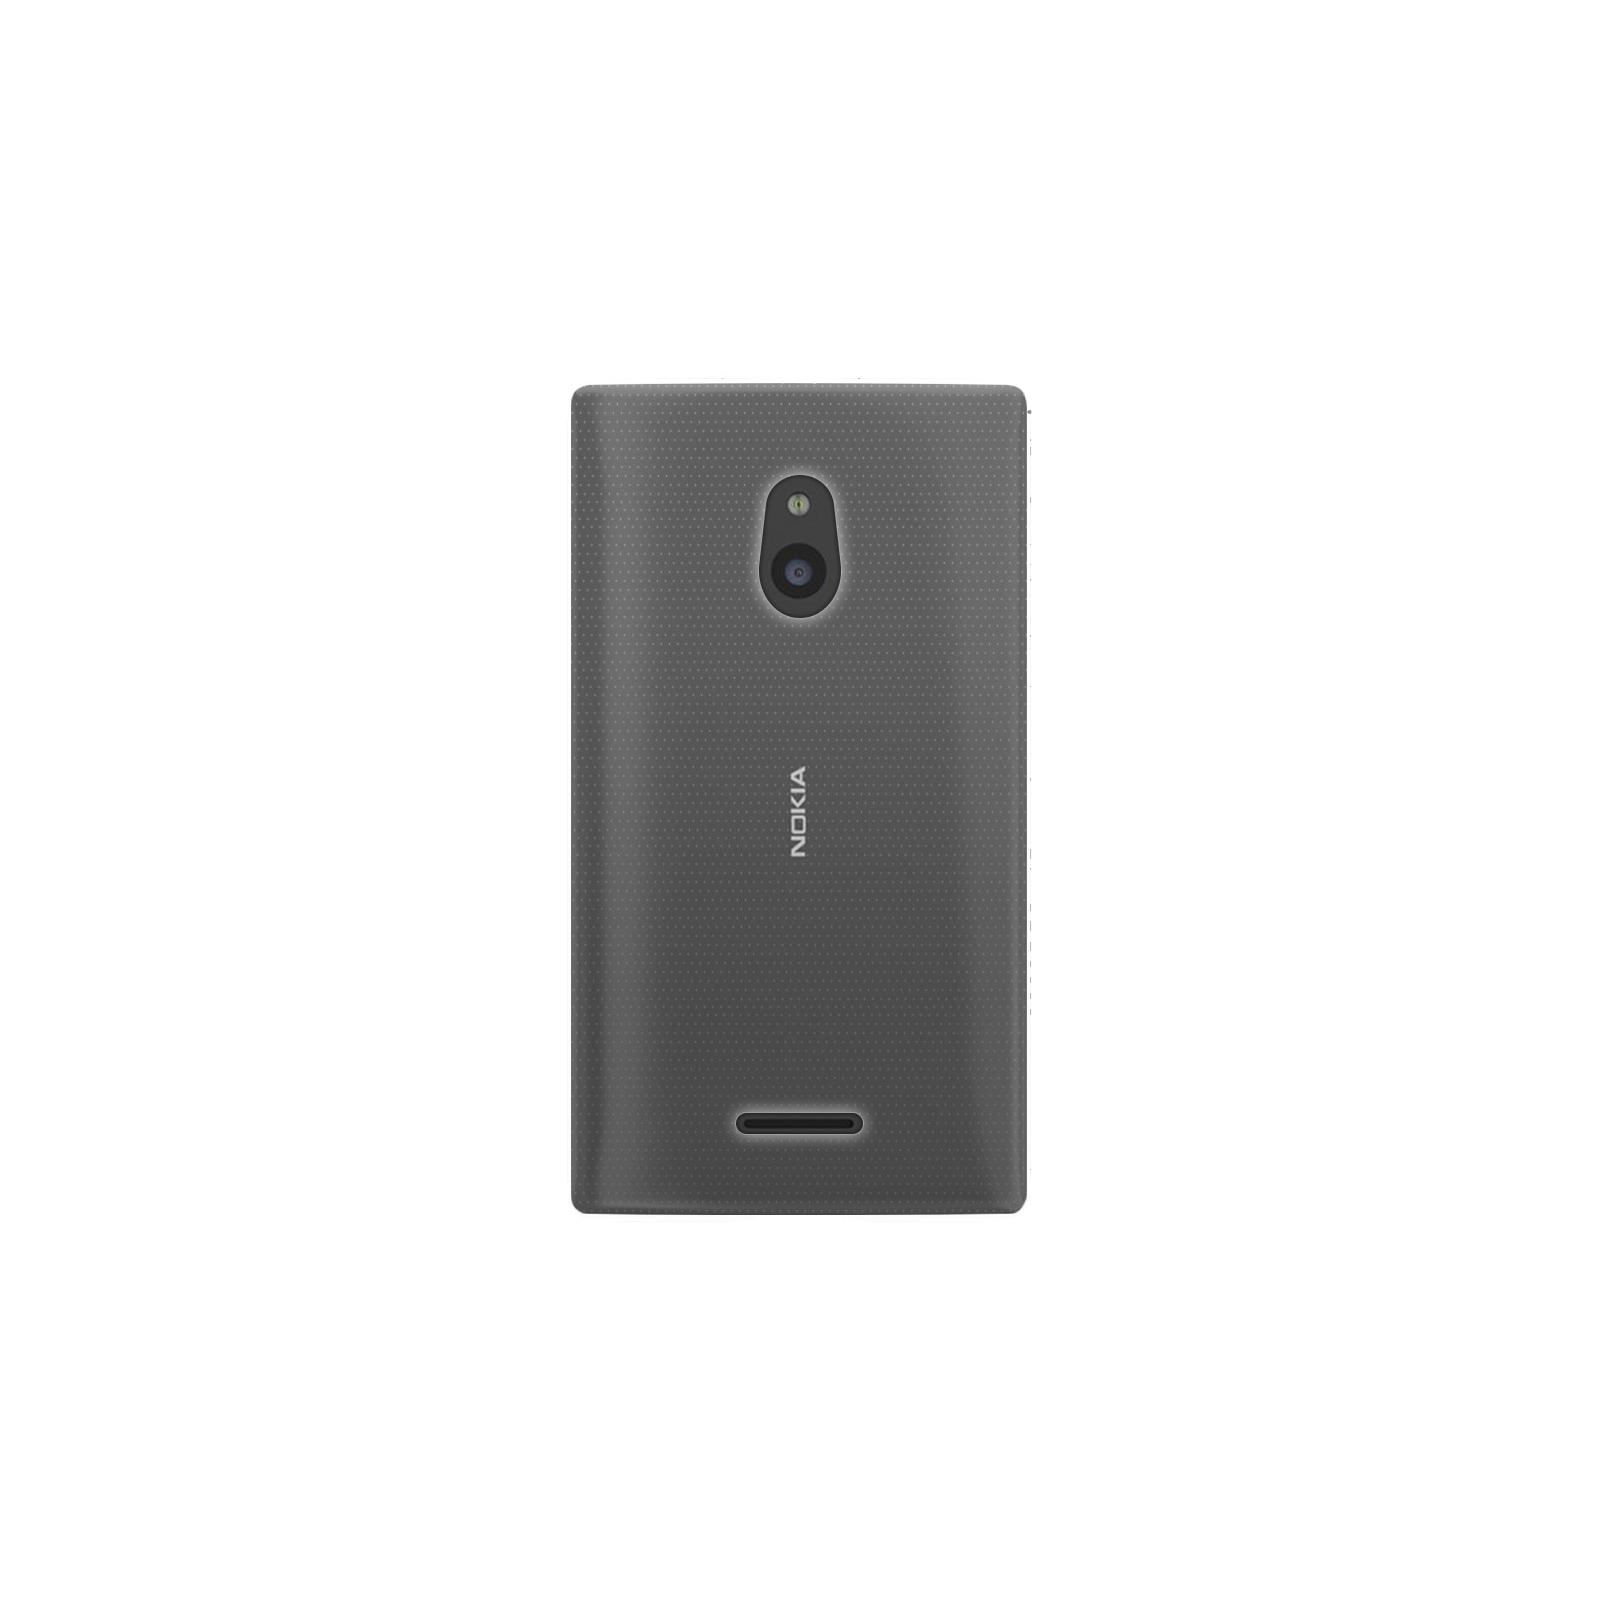 Чехол для моб. телефона GLOBAL для Nokia XL Dual Sim (светлый) (1283126461033)